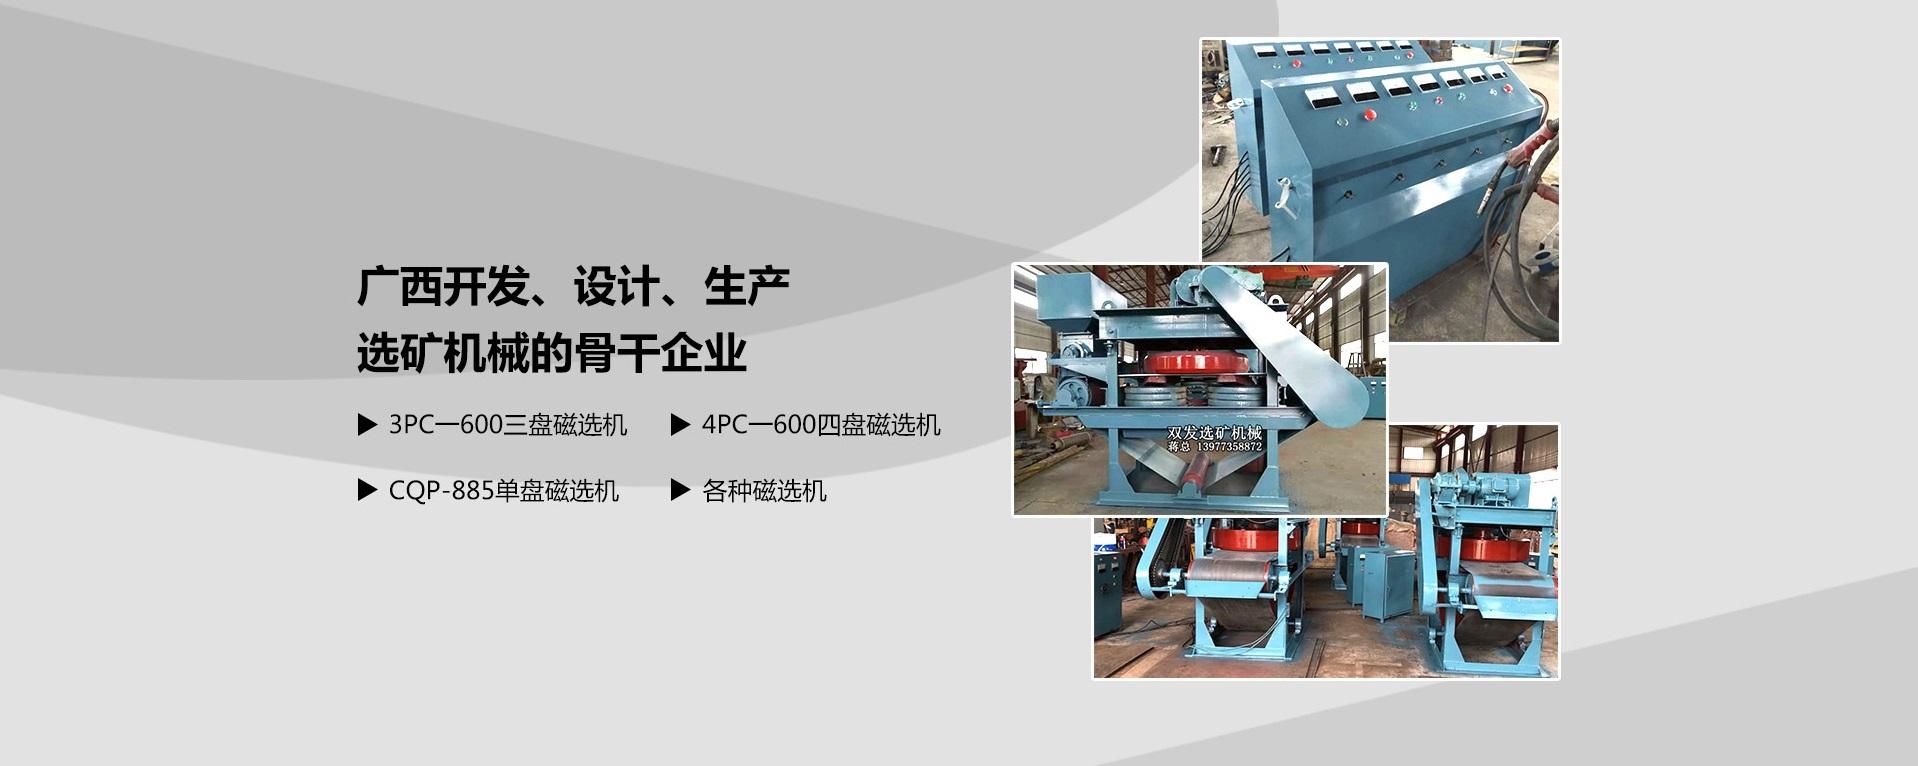 桂林选矿机械设备